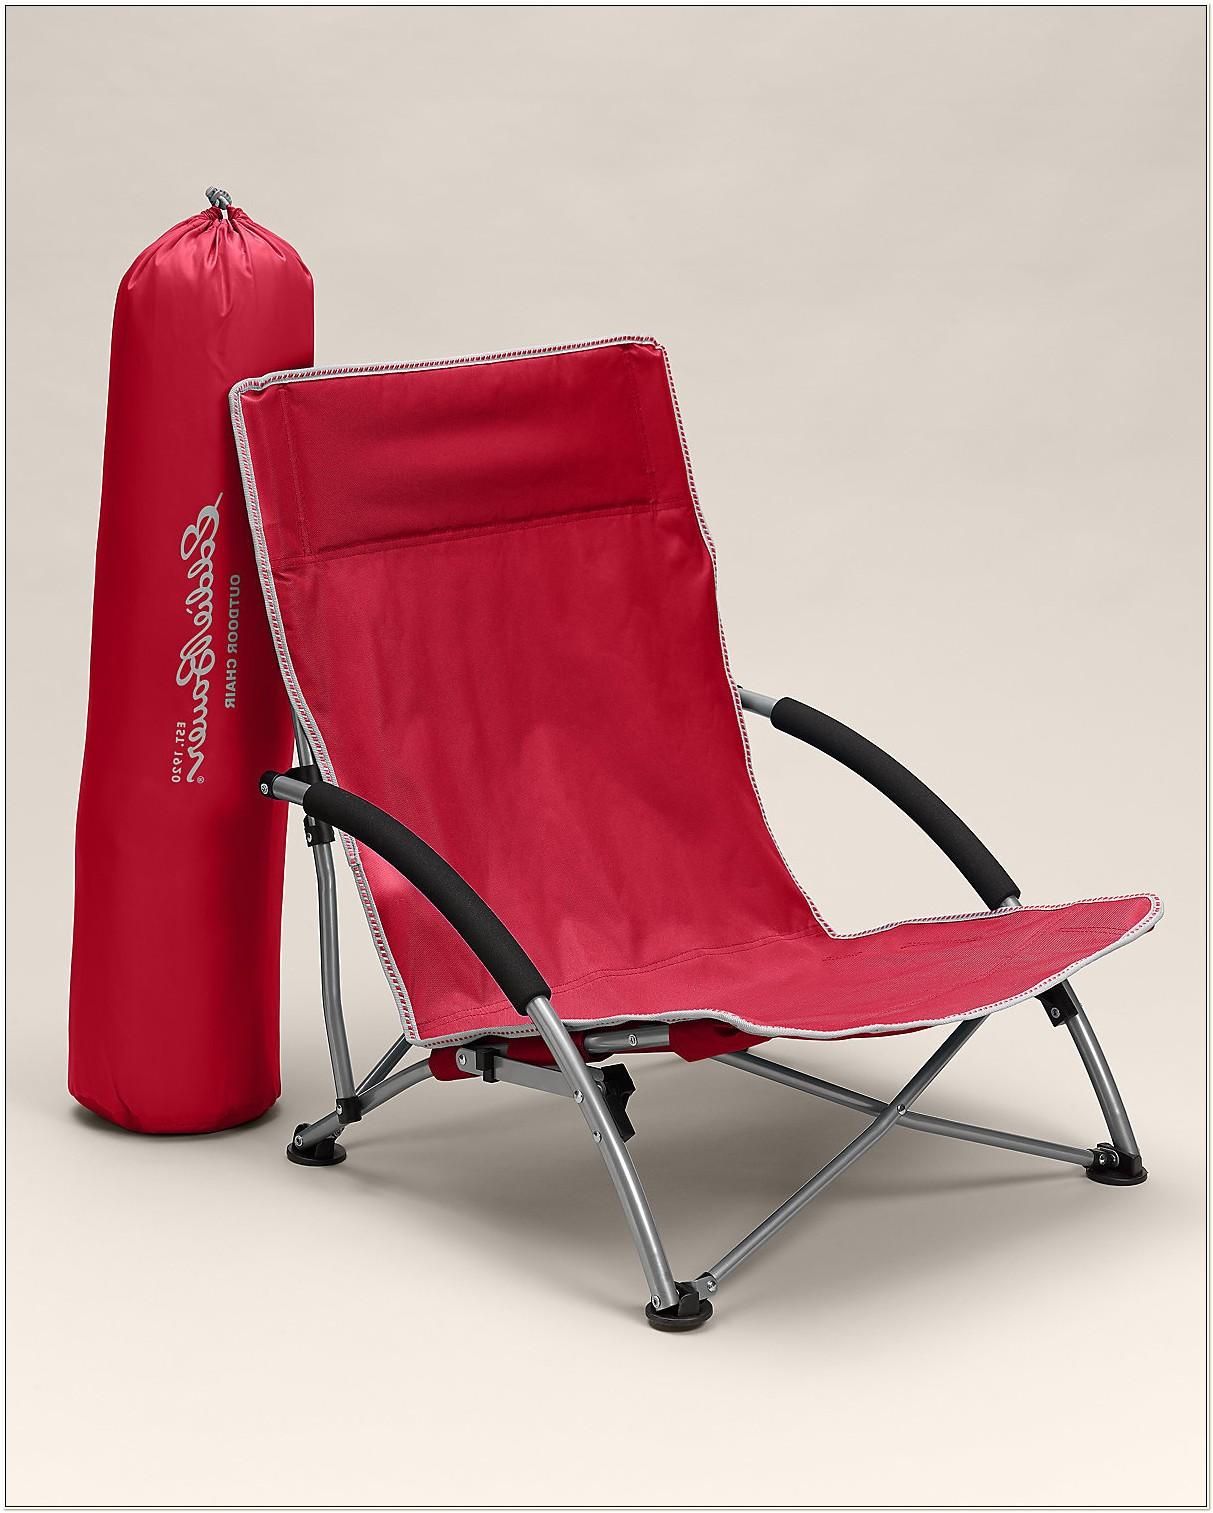 Eddie Bauer Outdoor Folding Chair